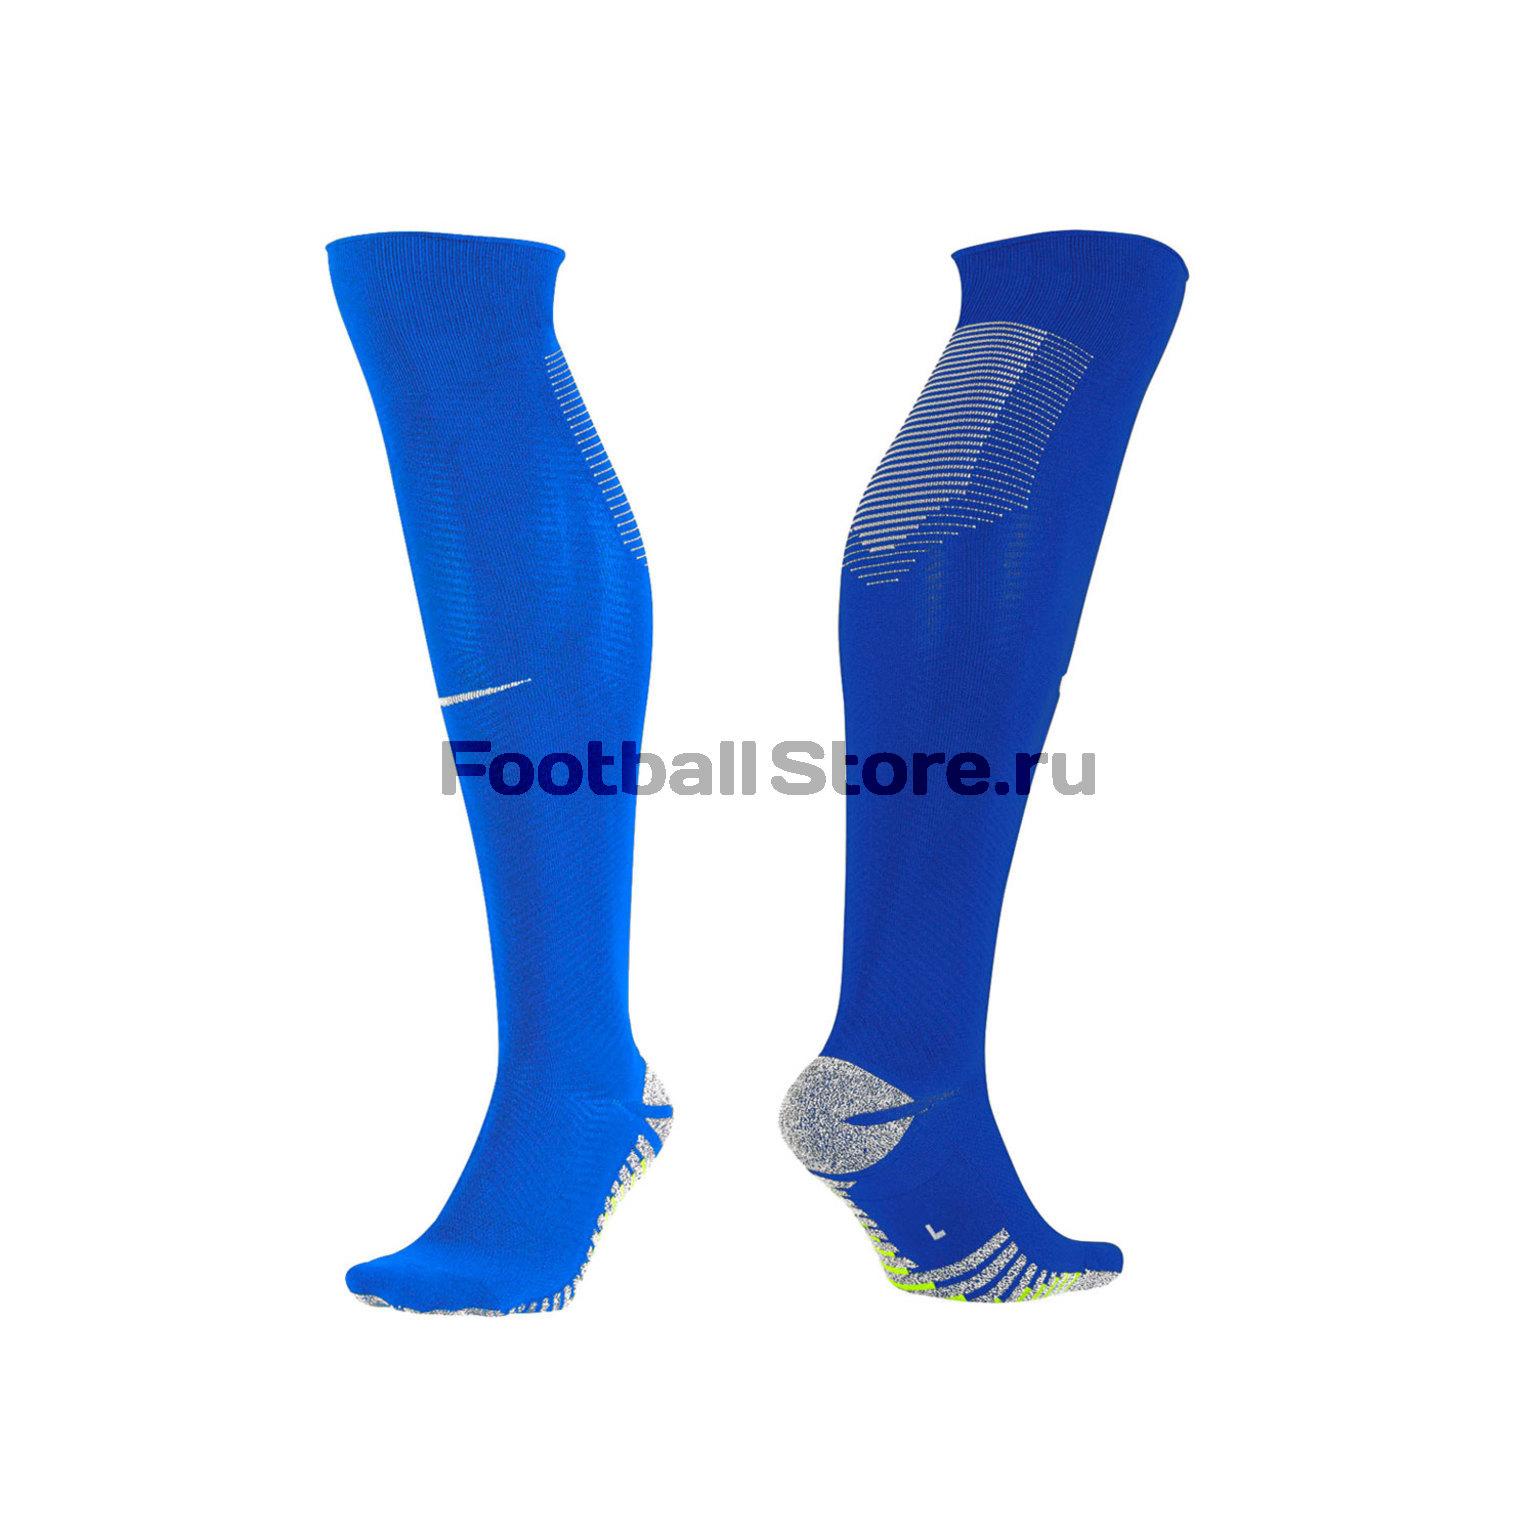 Гетры Nike Grip Strike Light OTC SX5485-455 гетры nike grip strike light otc sx5485 101